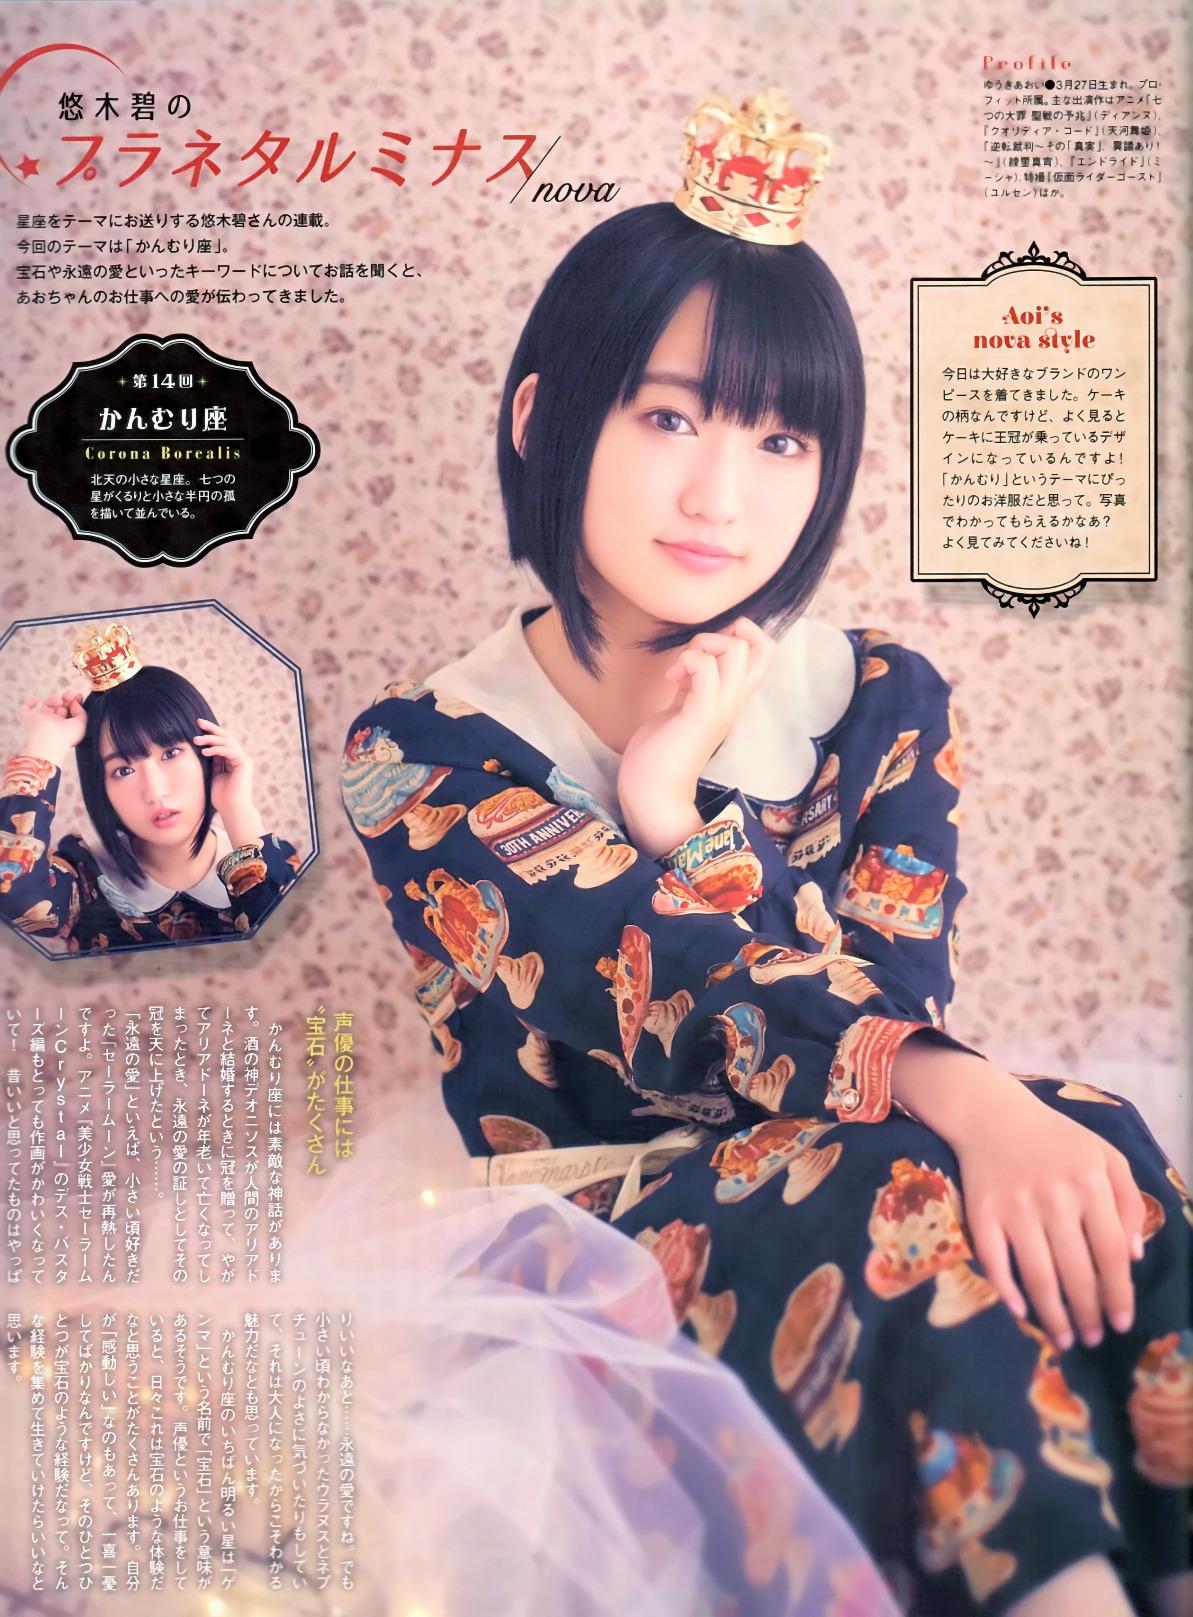 yuuki_aoi033.jpg